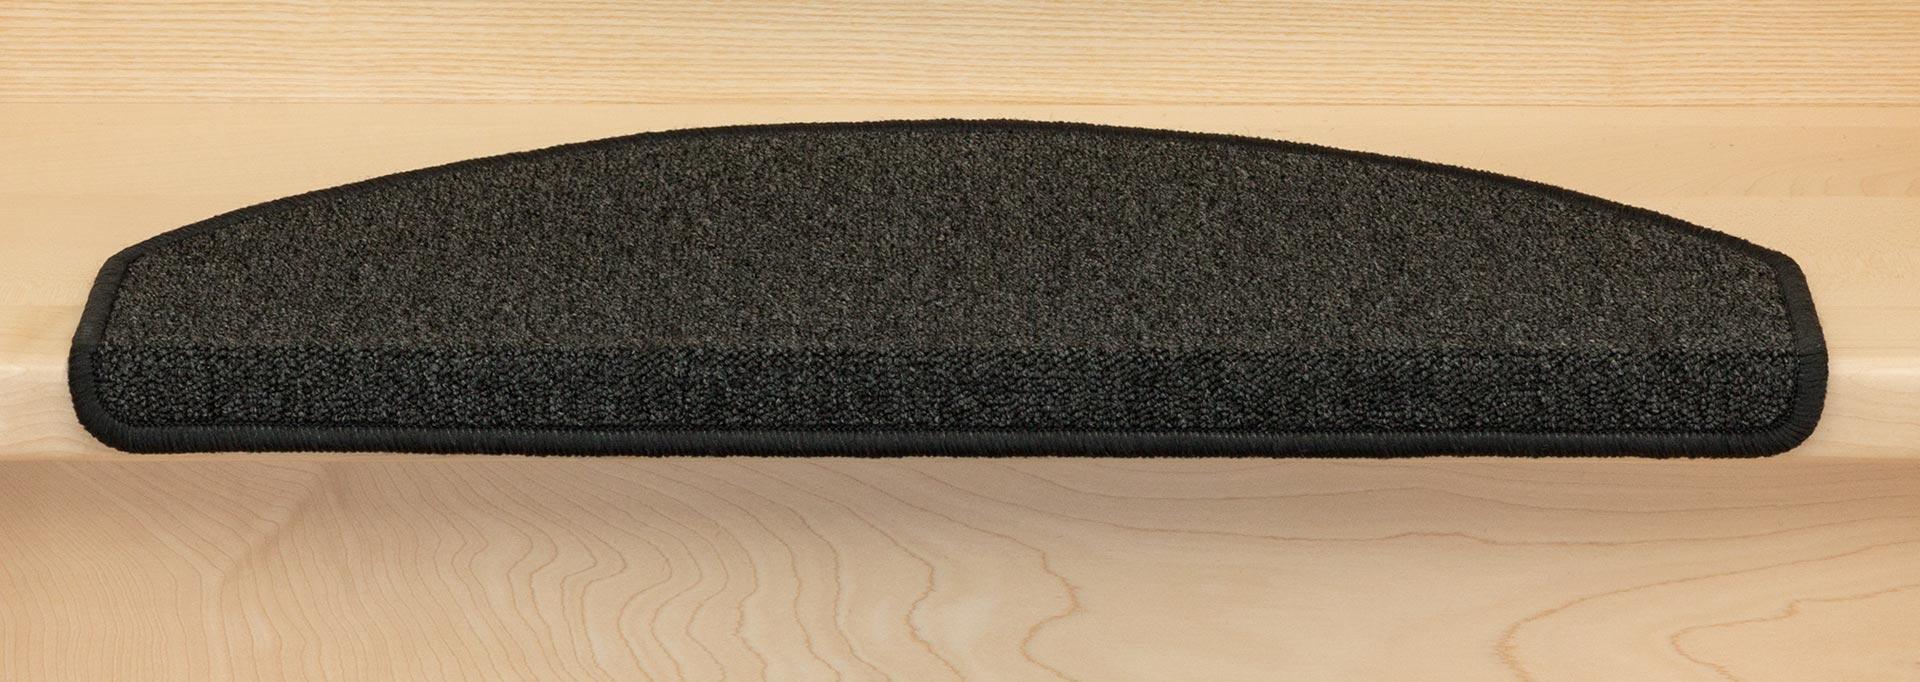 Stufenmatten-Rambo-New-versch-Farb-u-Set-Varianten-10-30-Stk-amp-Fleckentferner Indexbild 5